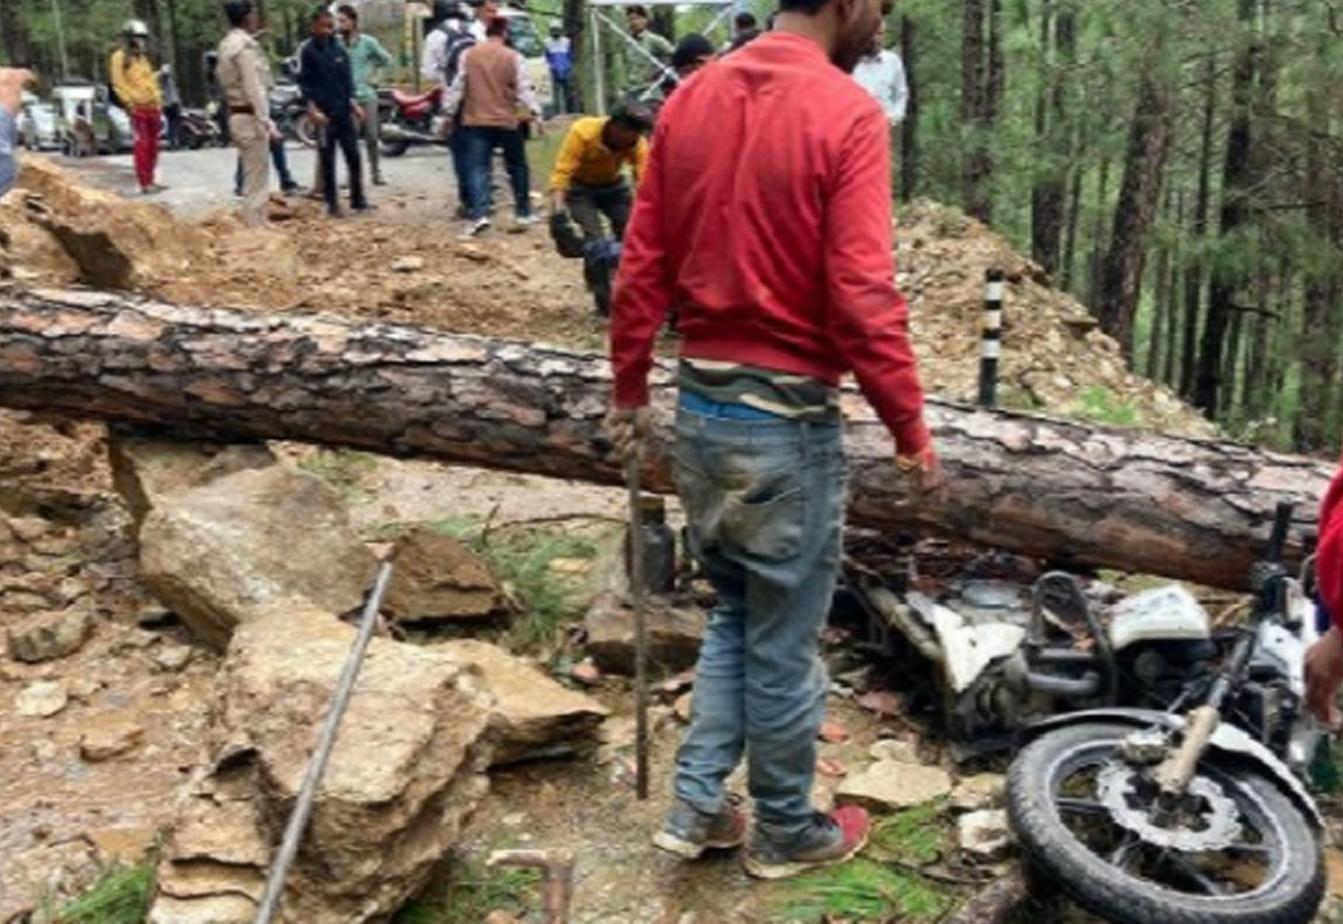 बाइक सवार युवक पर गिरा पेड़, घायल